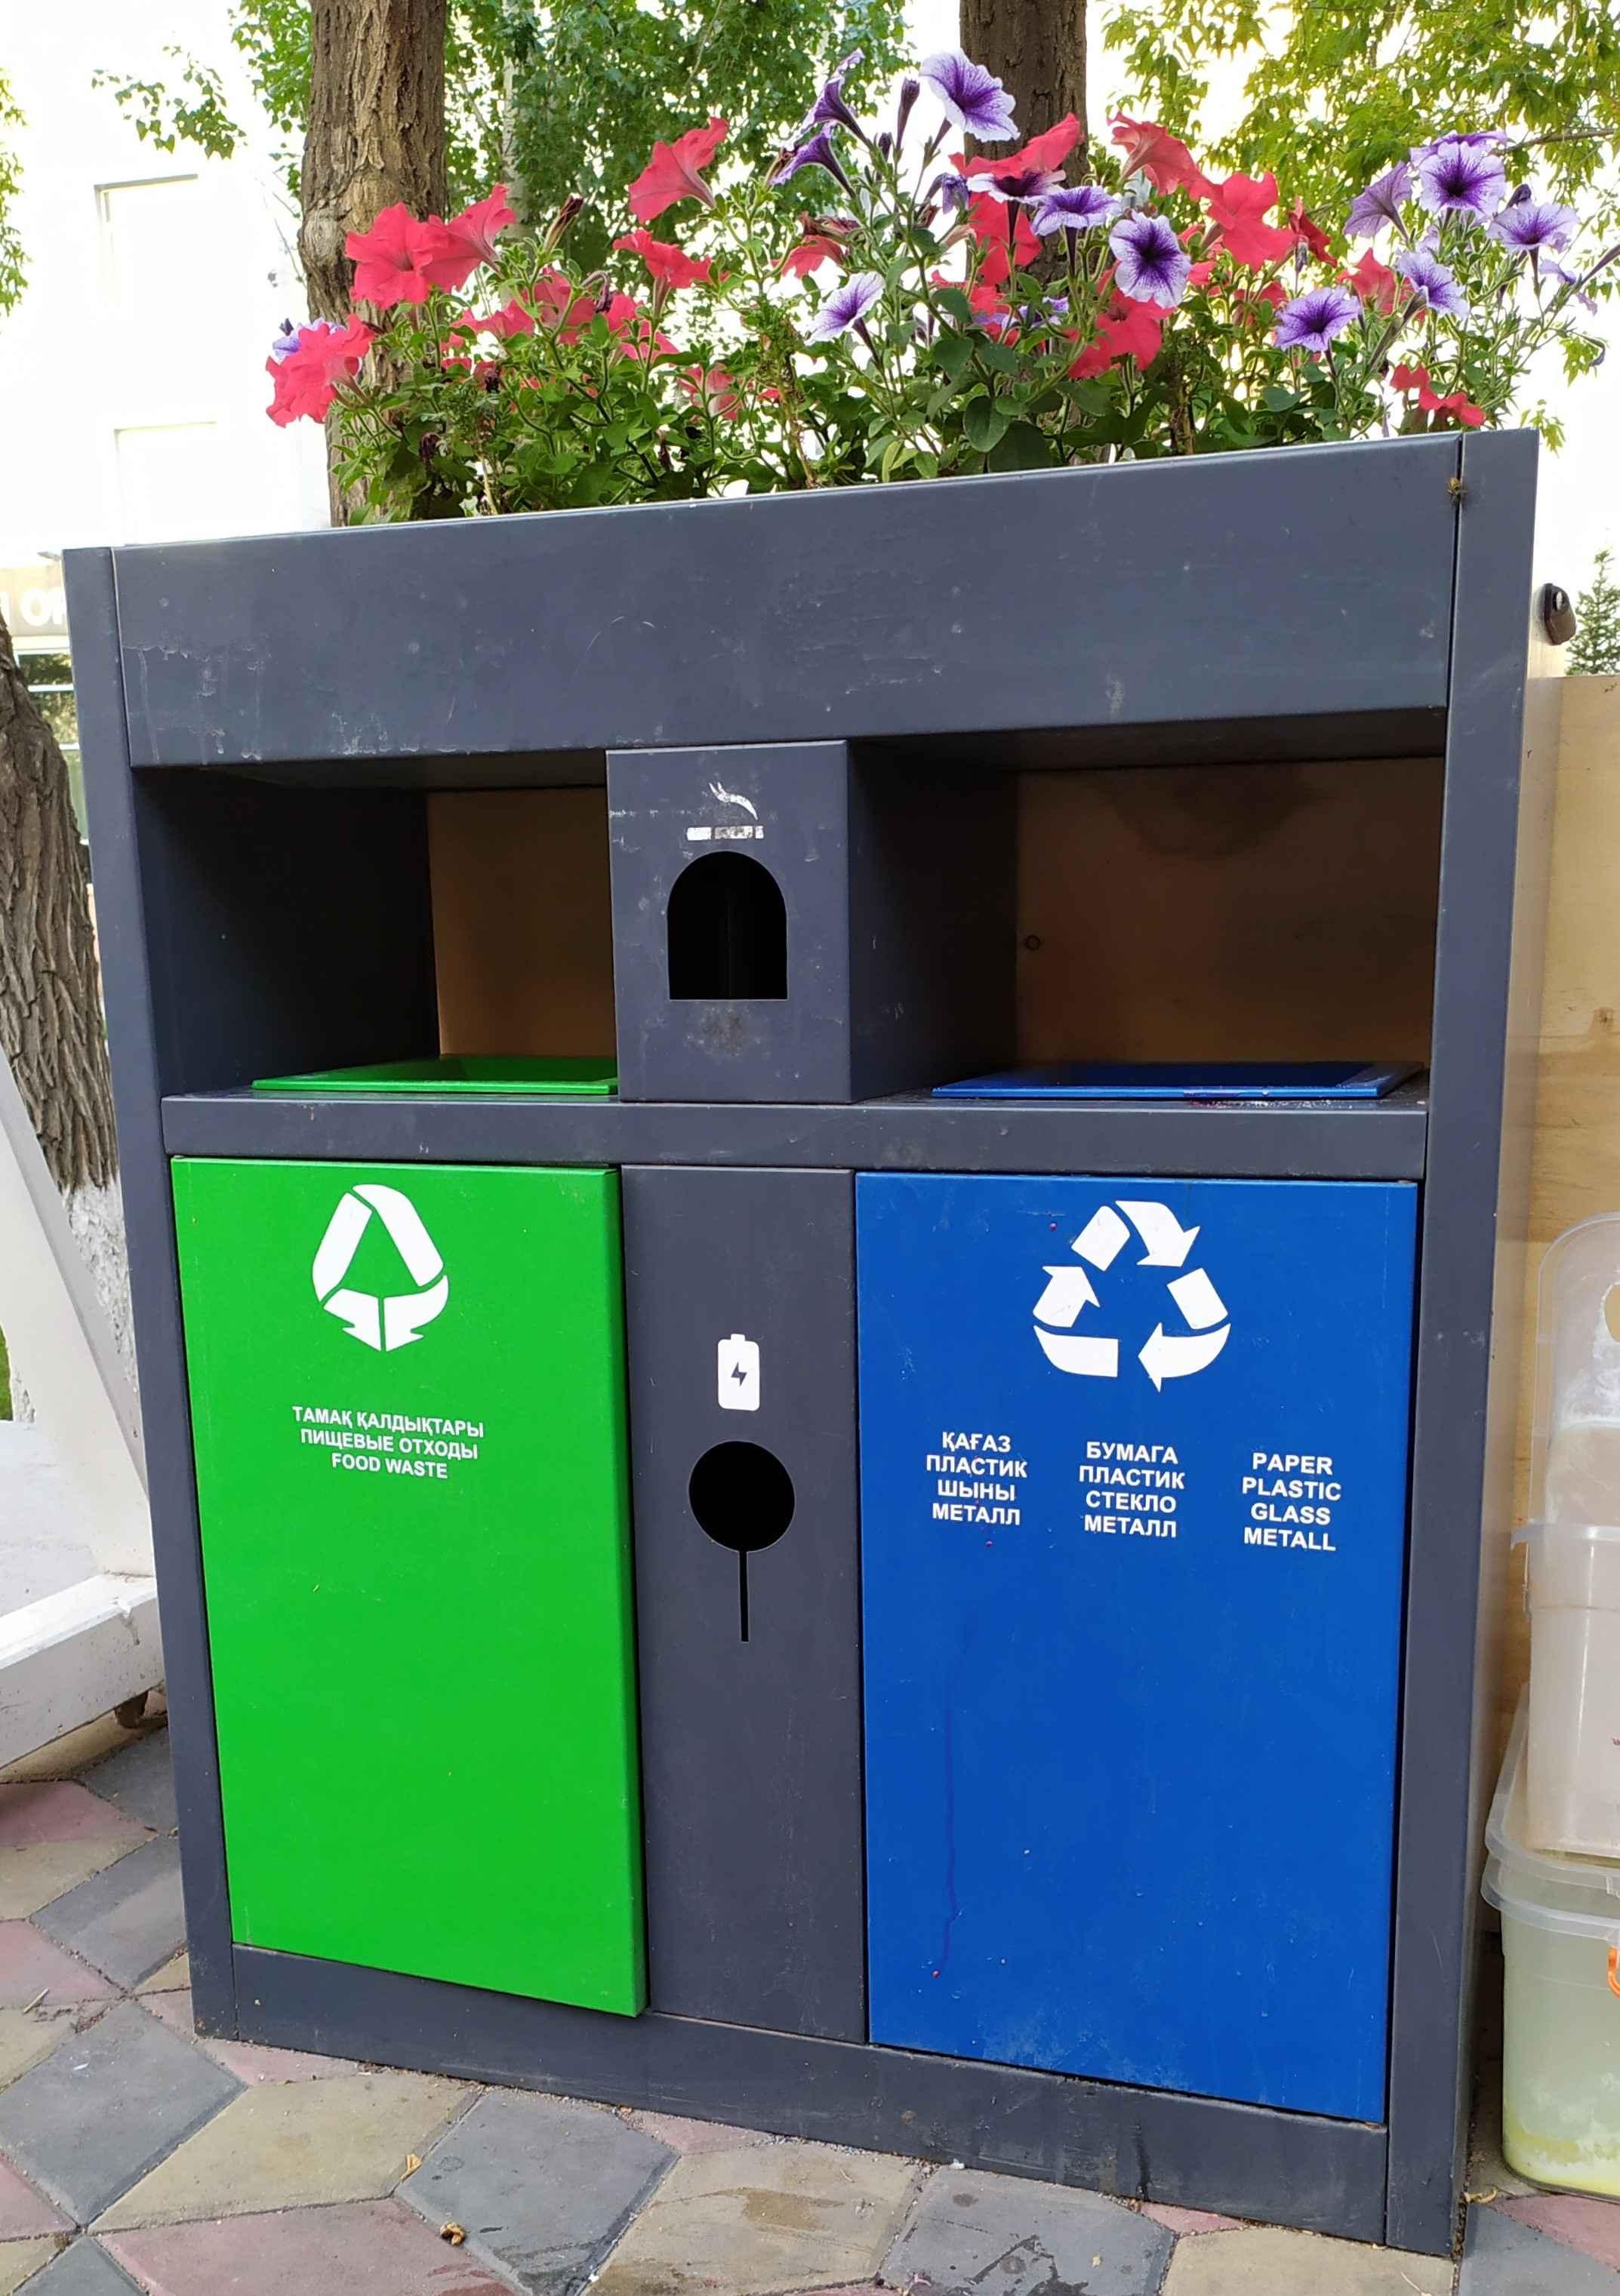 Урны, в которые приятно кидать мусор. Естественно, раздельно – стекло, бумагу, пластик, щелочные батарейки и пищевые отходы.